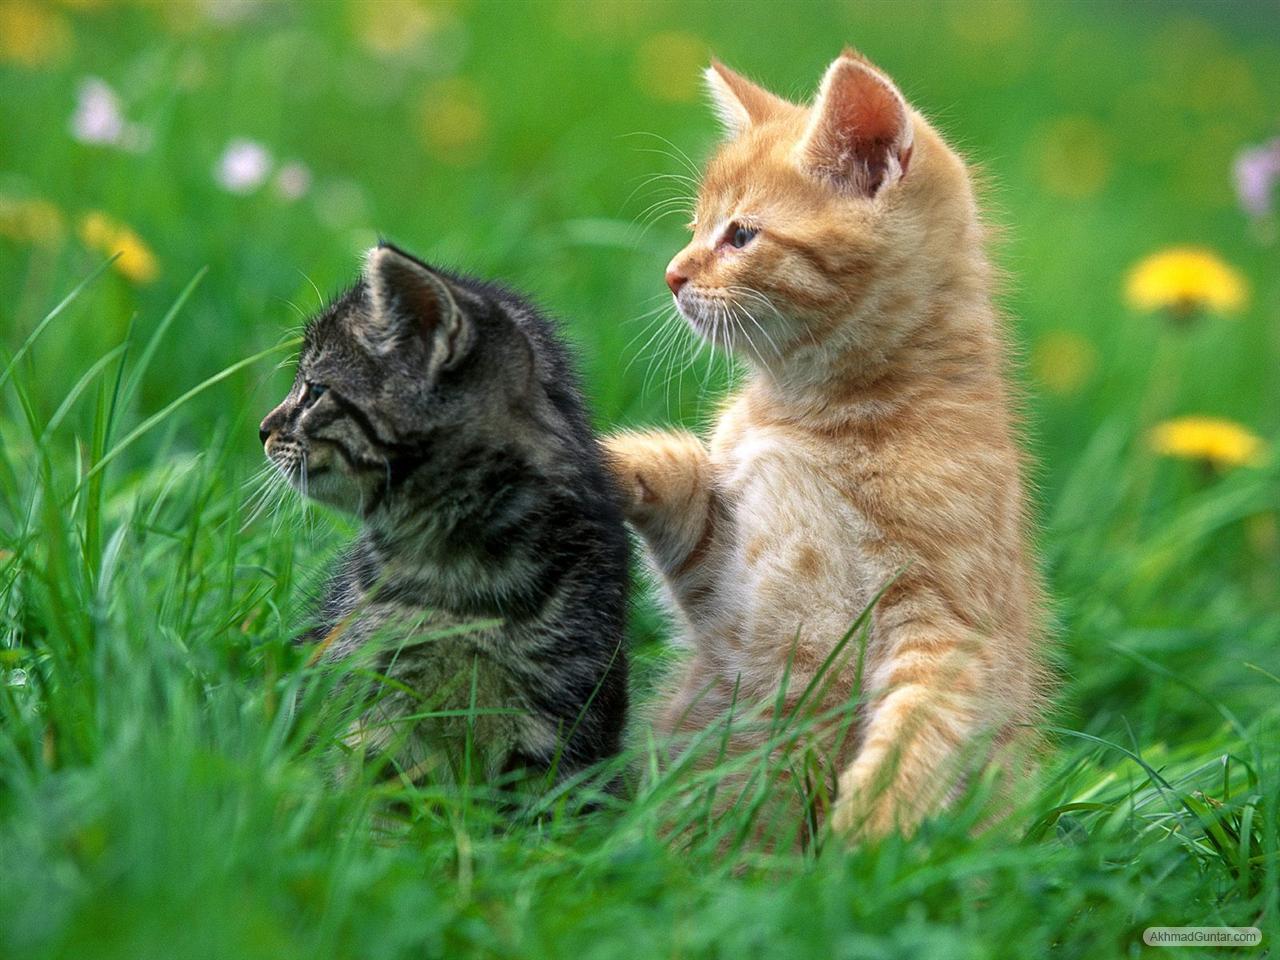 perawatan kucing  cara mudah untuk merawat kucing